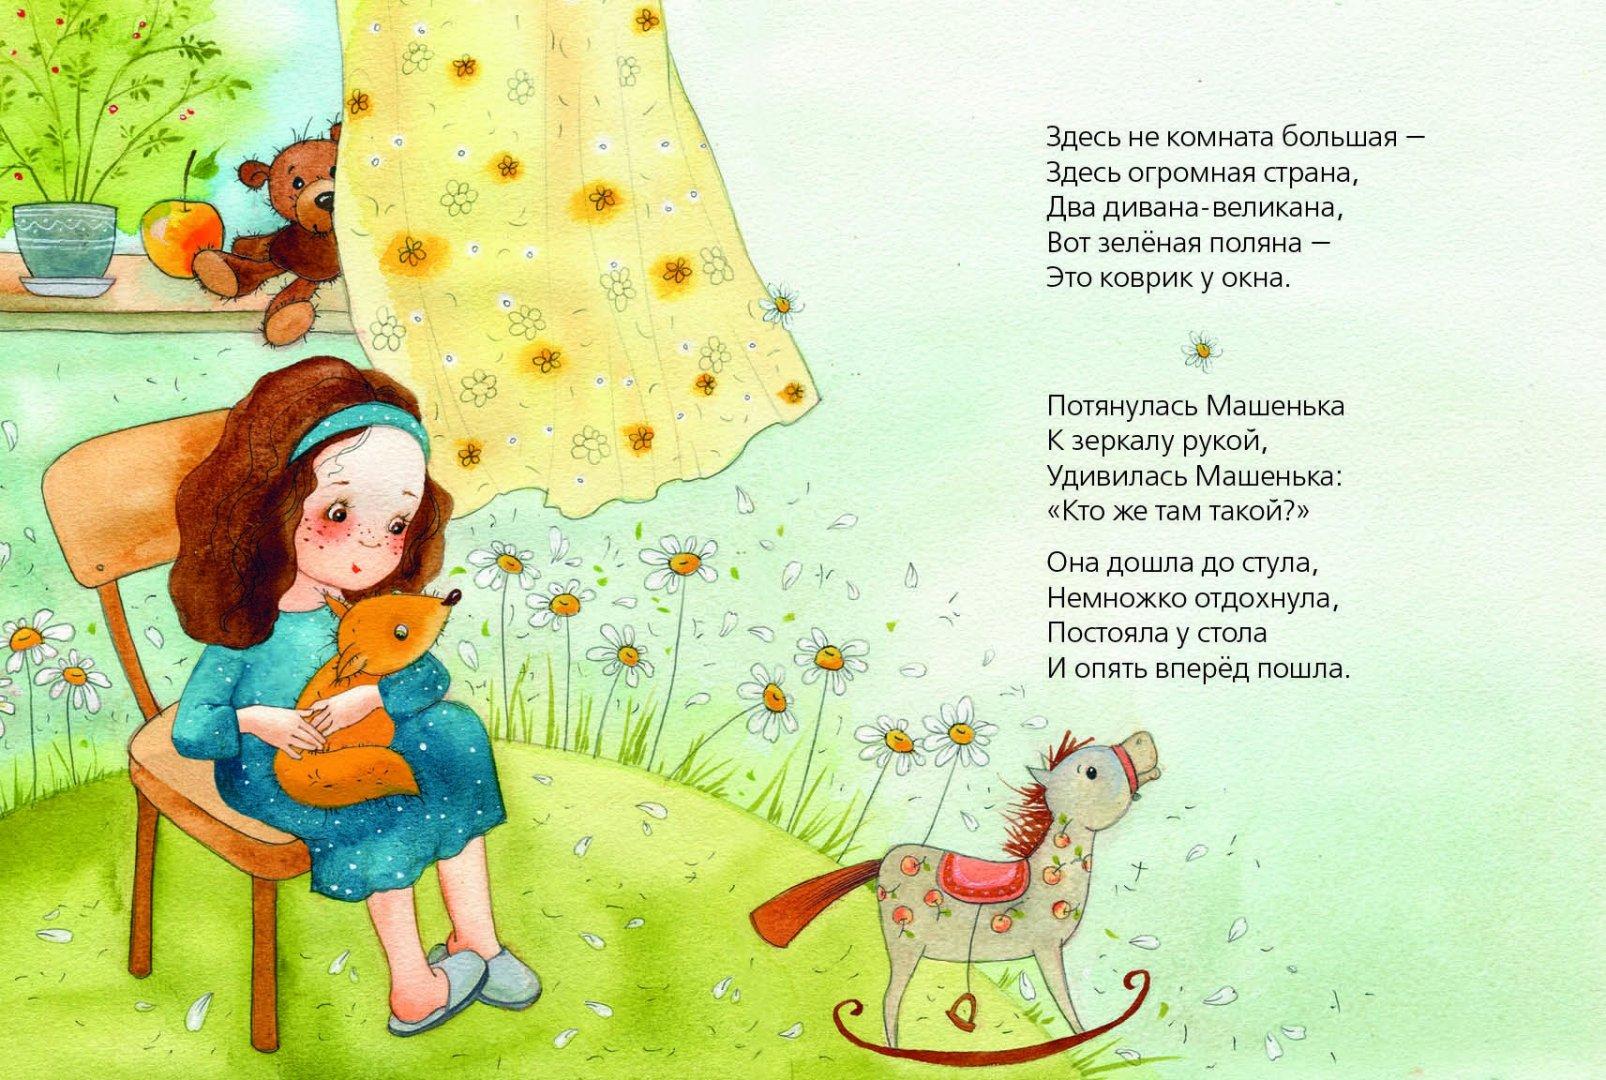 Иллюстрация 1 из 23 для Машенька - Агния Барто | Лабиринт - книги. Источник: Лабиринт